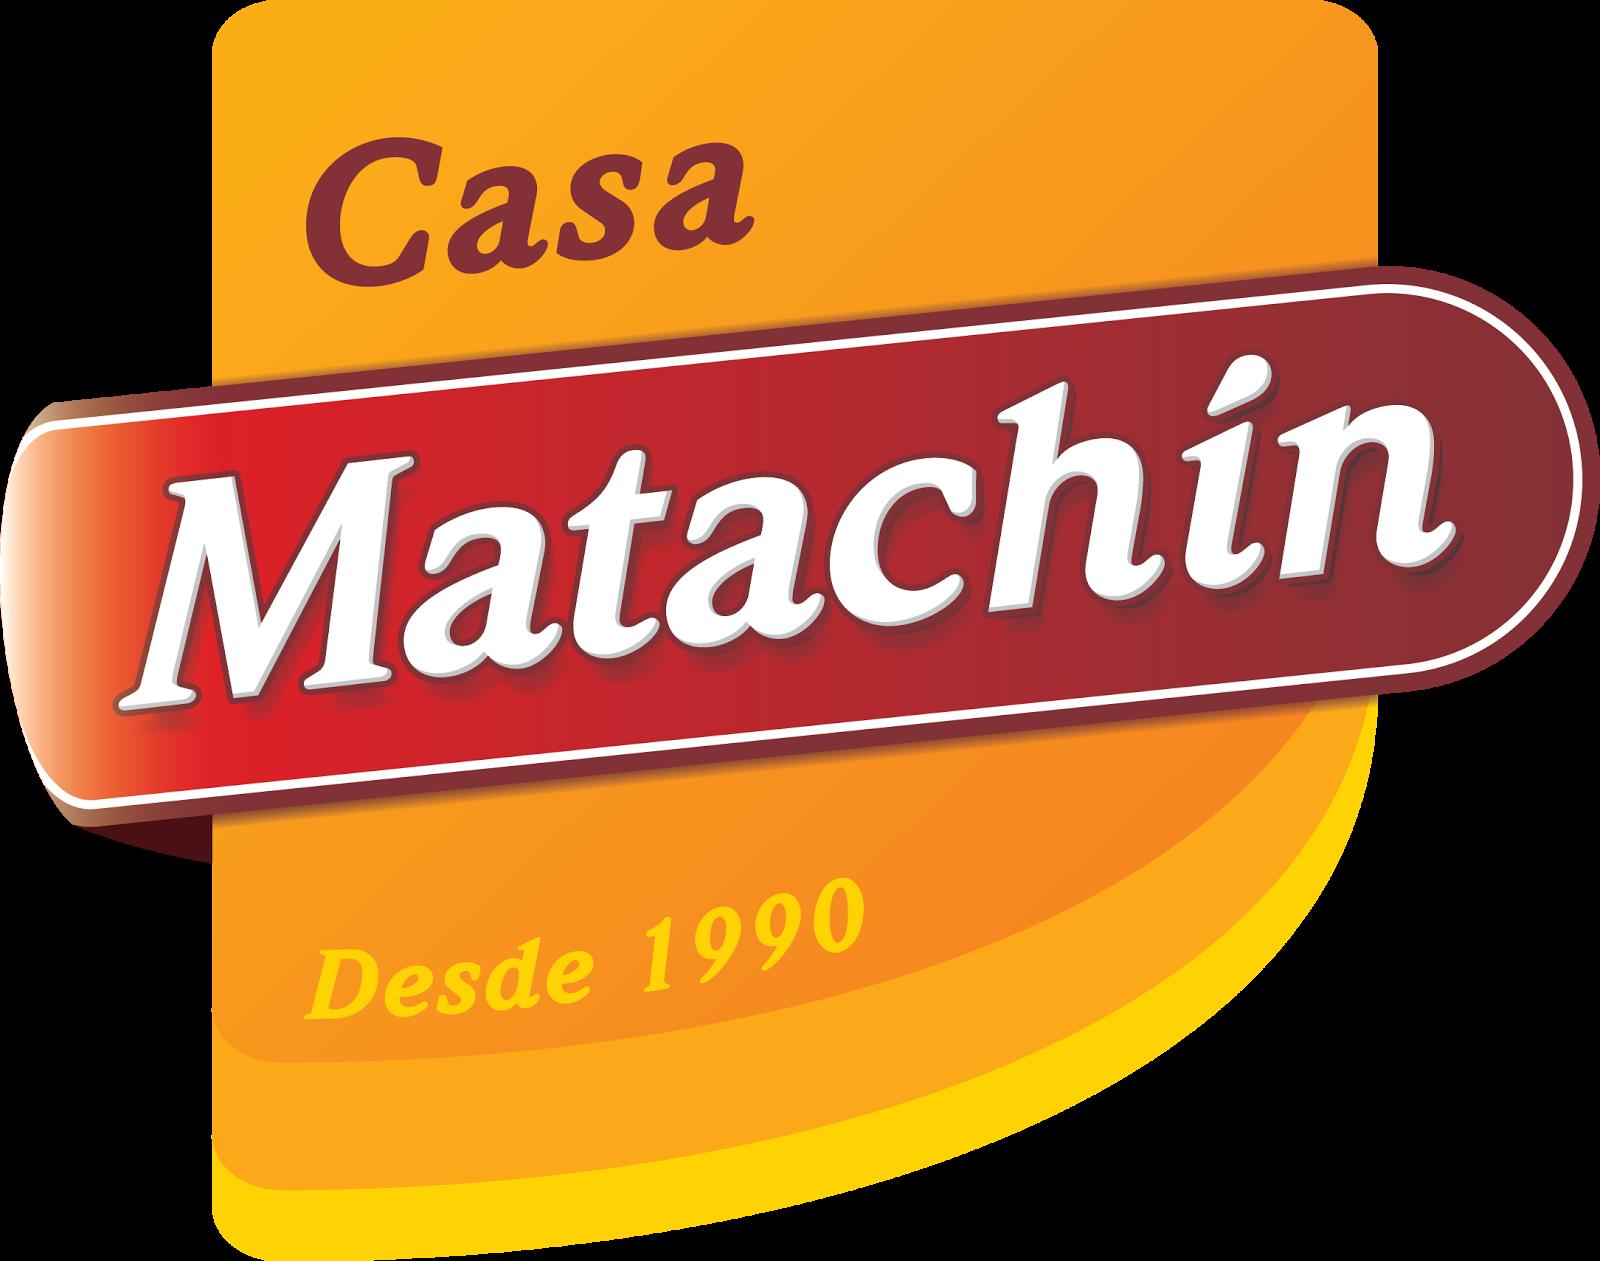 PRODUCTOS PRECOCINADOS DERIVADOS DE LA CARNE DE AVE